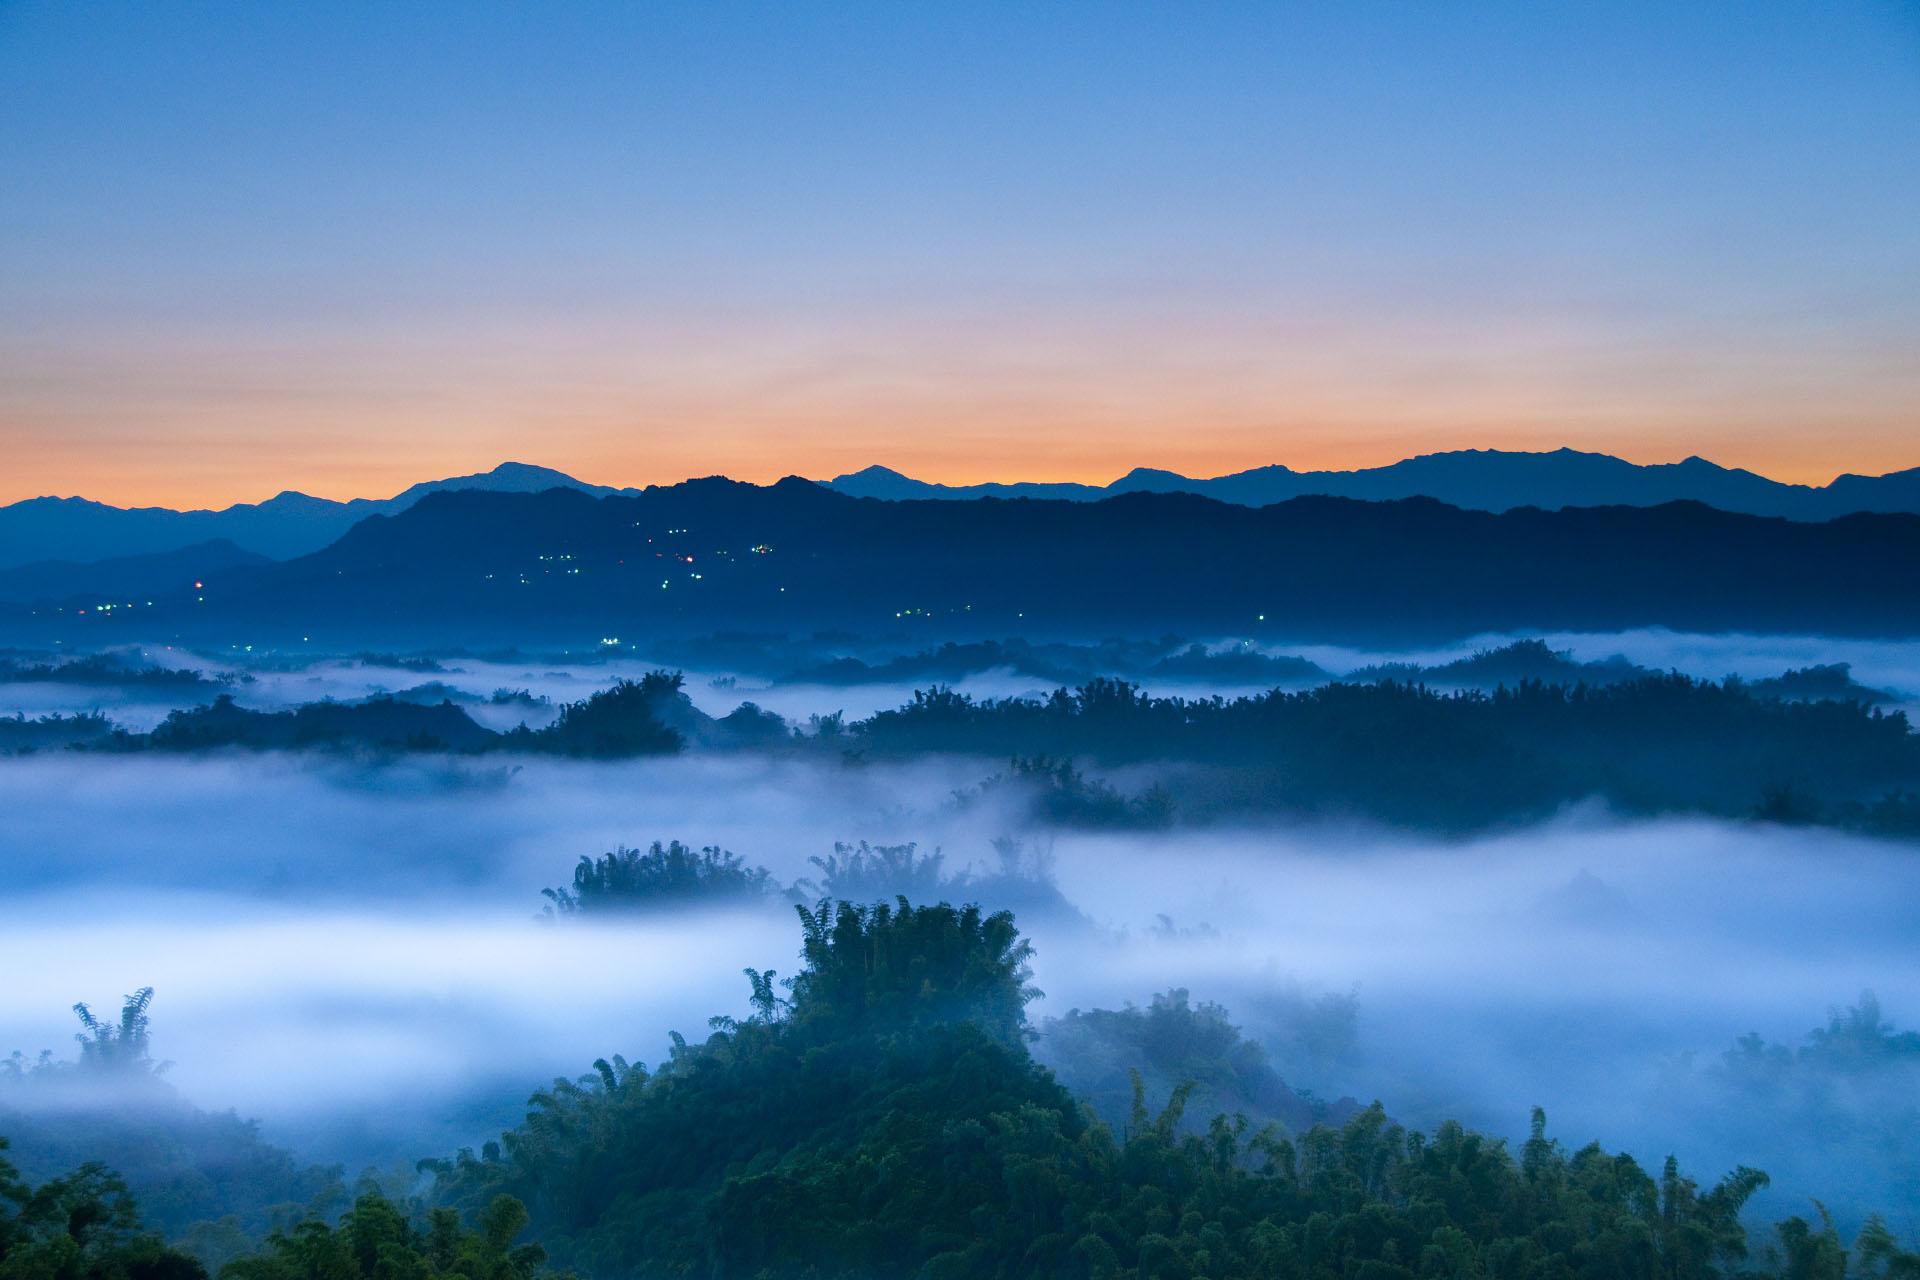 中央山脈の日の出の風景 台湾の風景